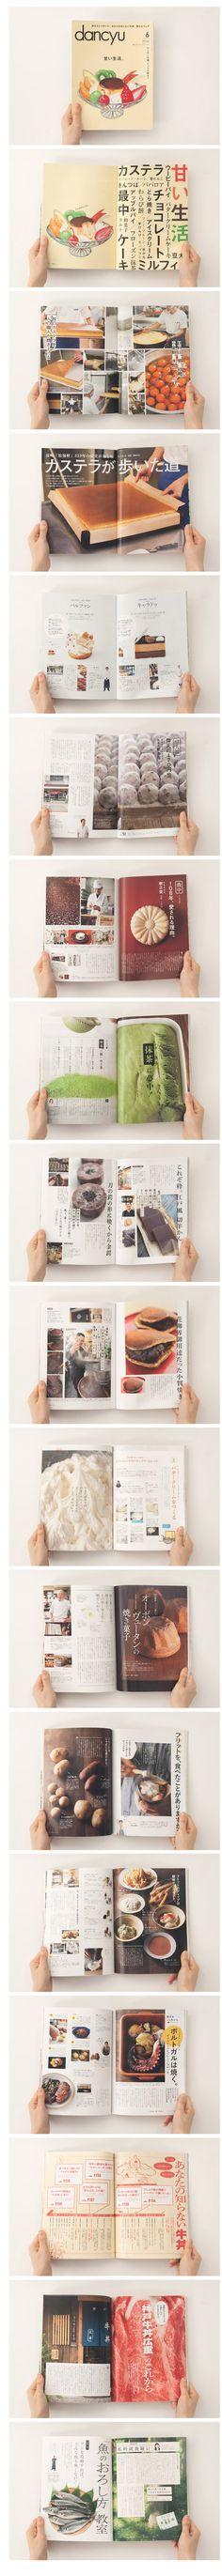 雑誌 #foodinprint